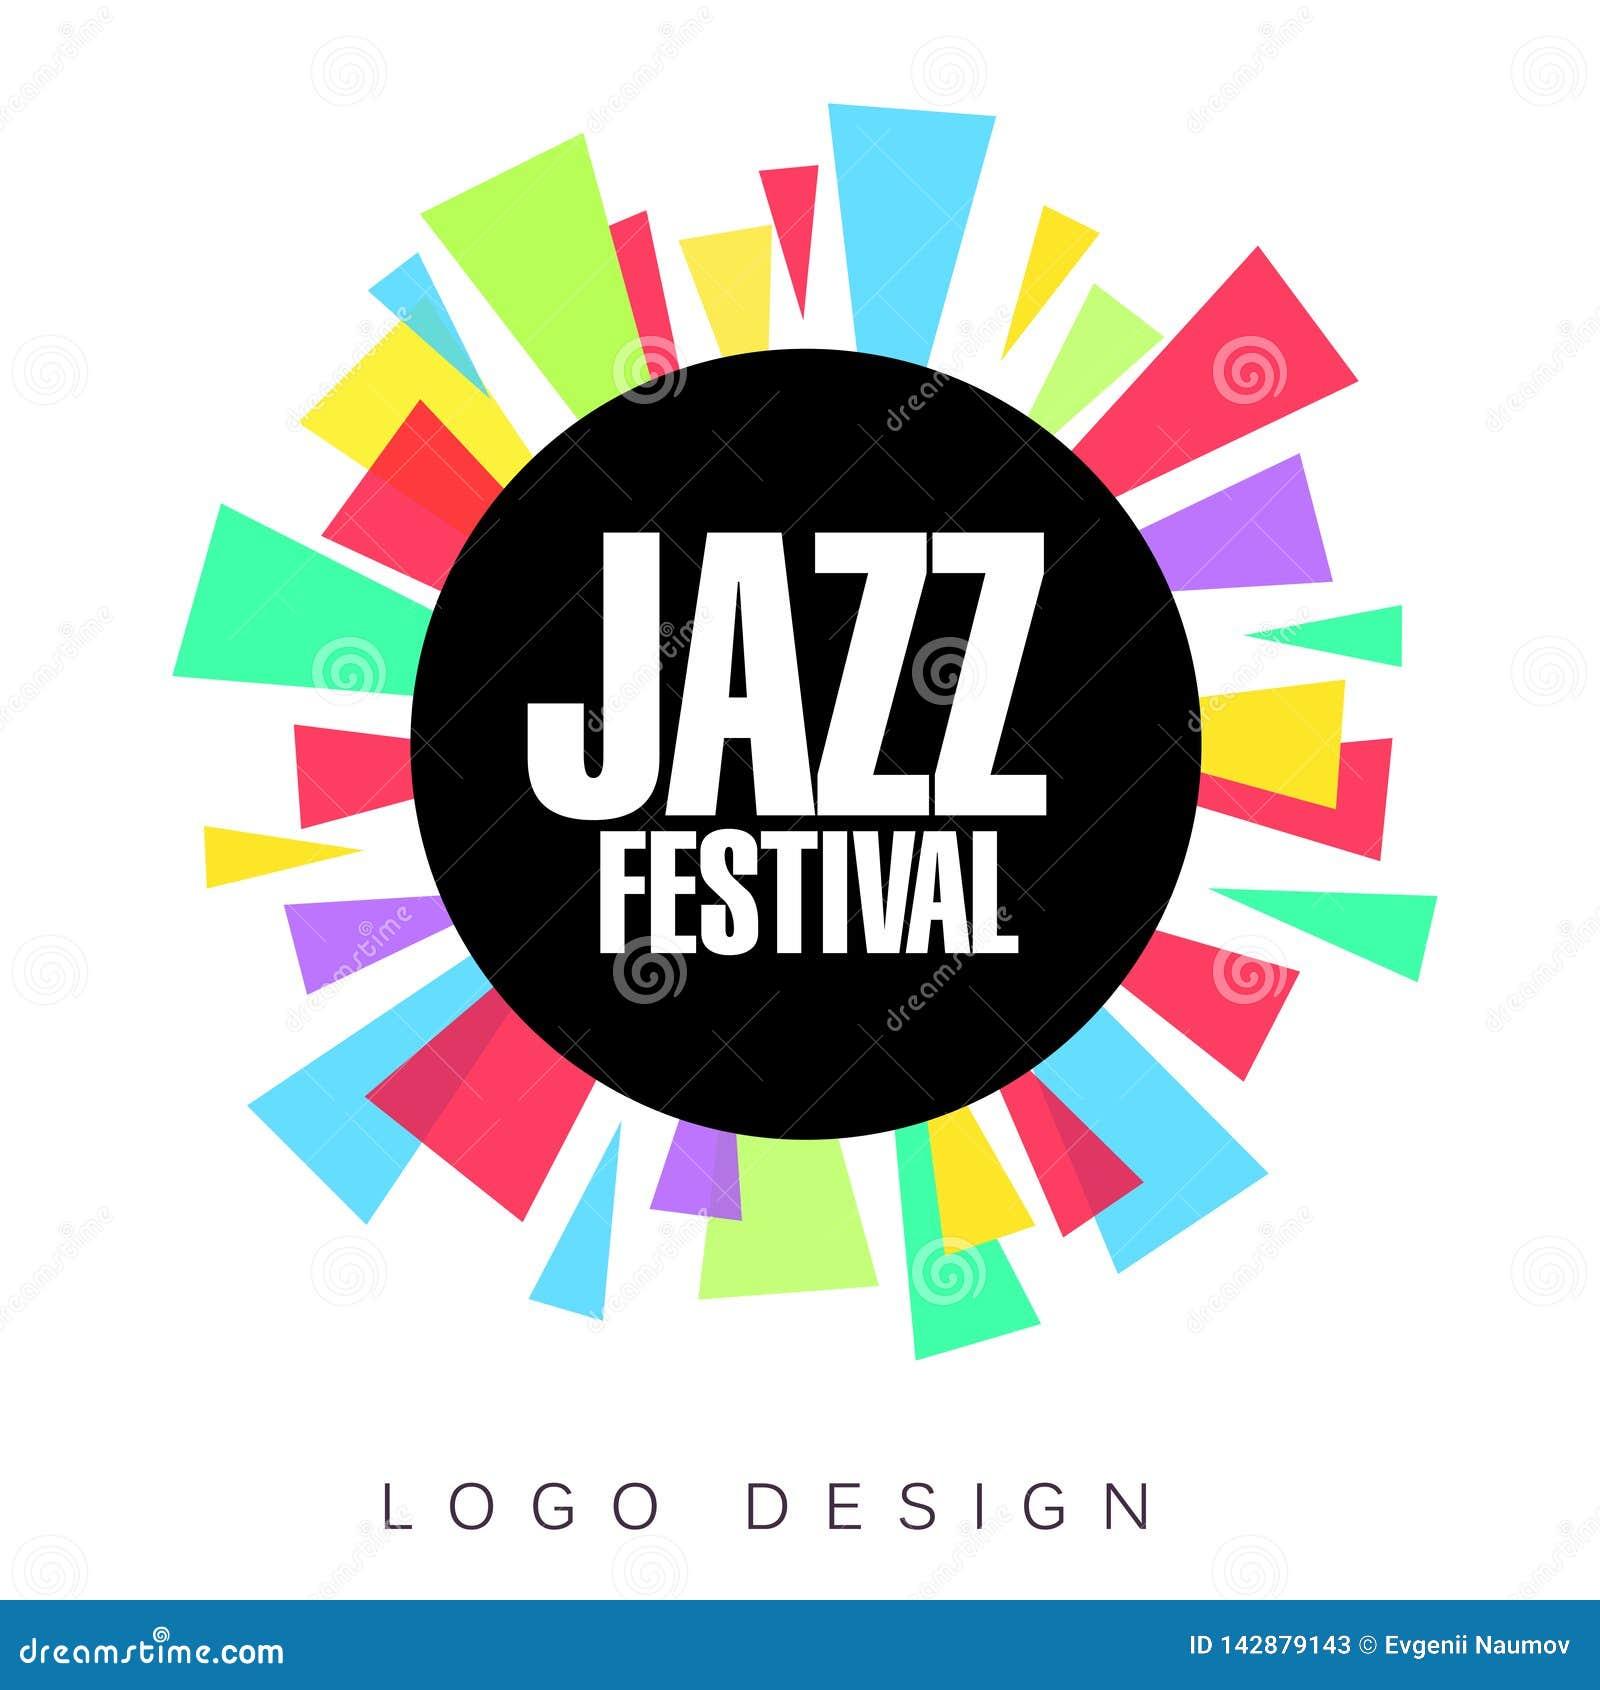 Molde do logotipo do festival de jazz, bandeira criativa colorida, cartaz, elemento do projeto do inseto para o vetor musical da